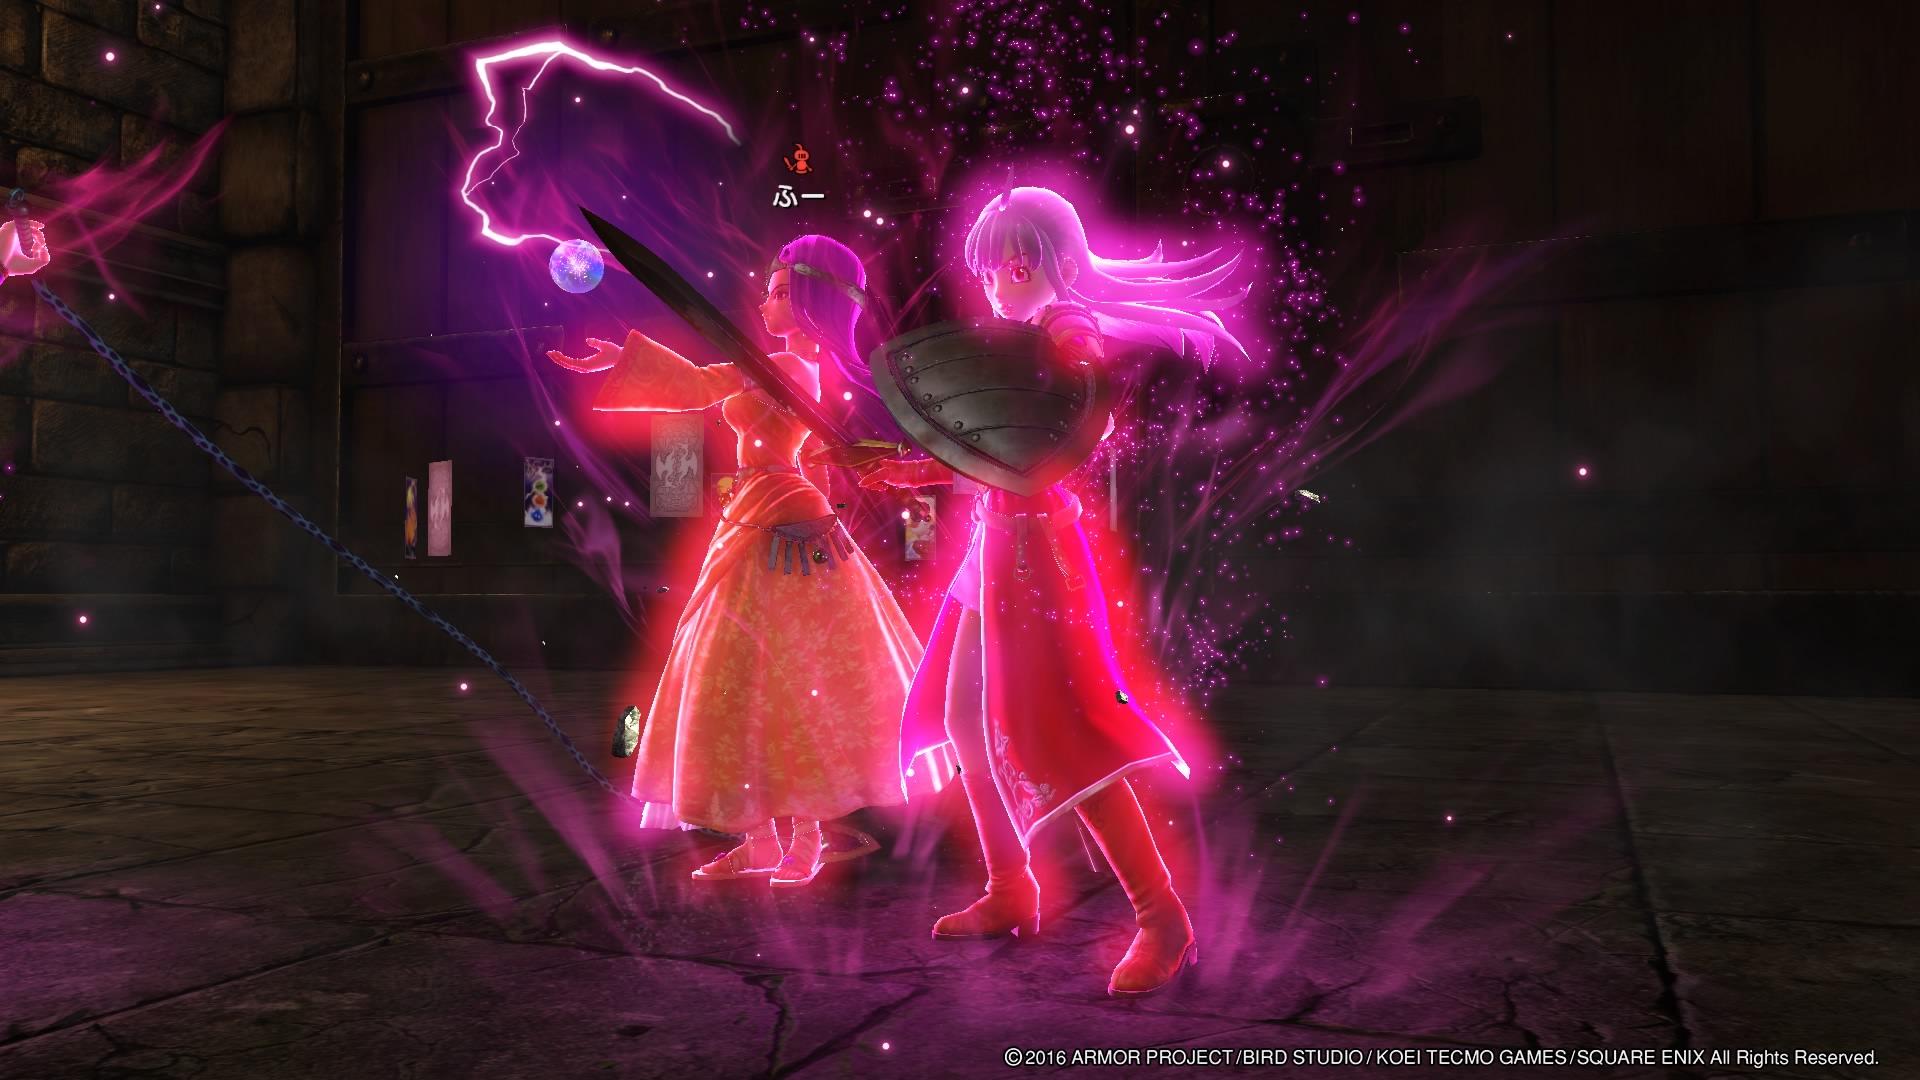 ドラゴンクエストヒーローズⅡ 双子の王と予言の終わり_20160601152928